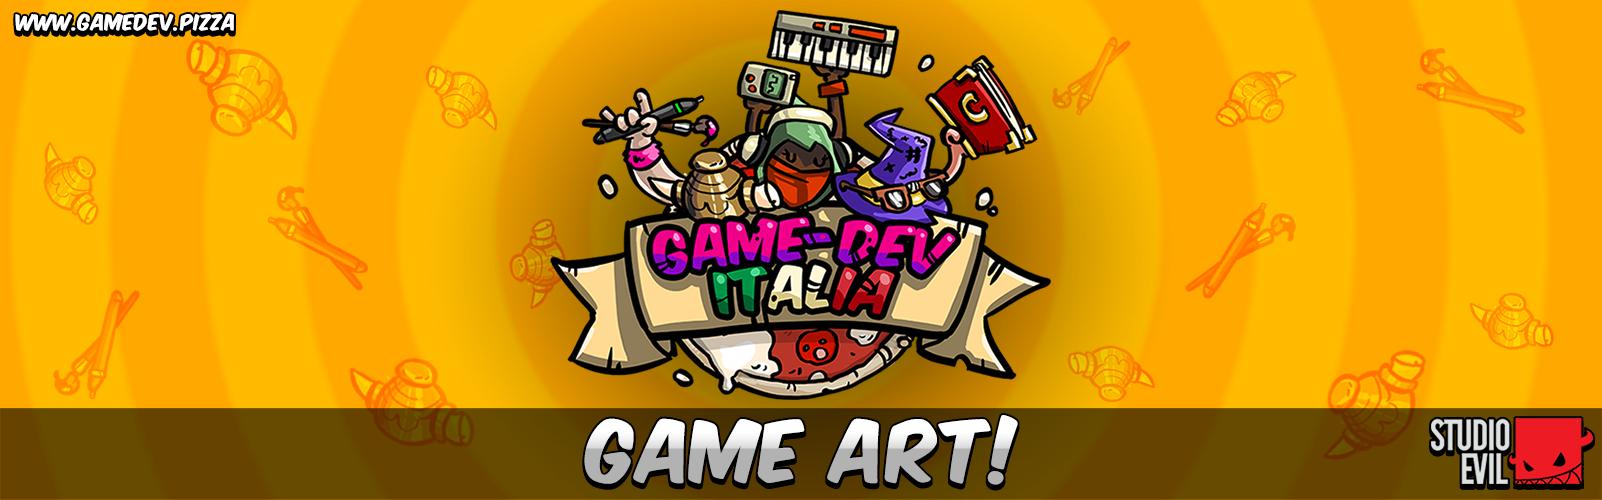 gamedev_italia_banner__0000_game-art